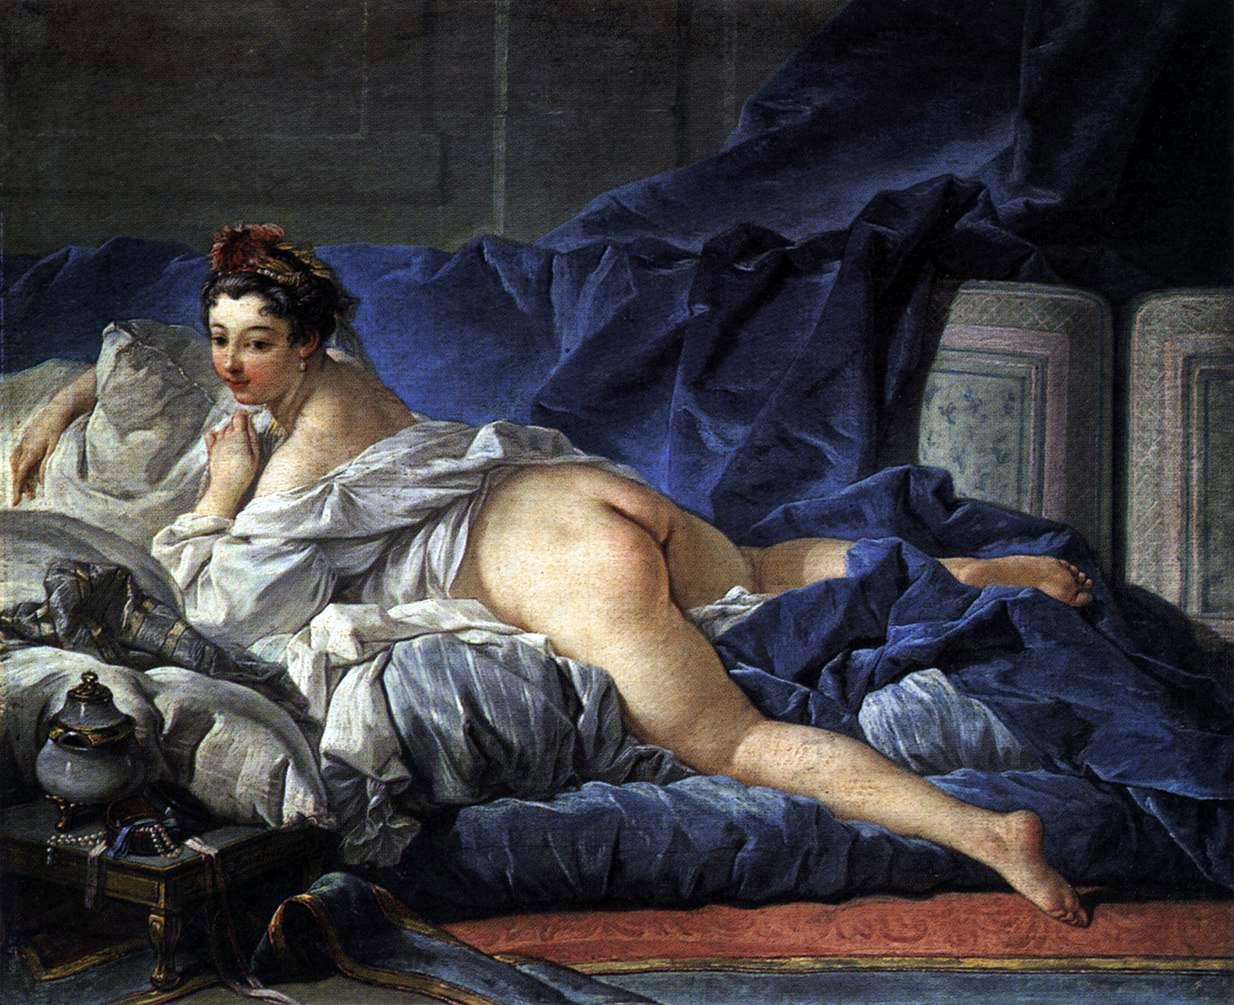 Figura 2 - François Boucher, Odalisca do cabelo escuro